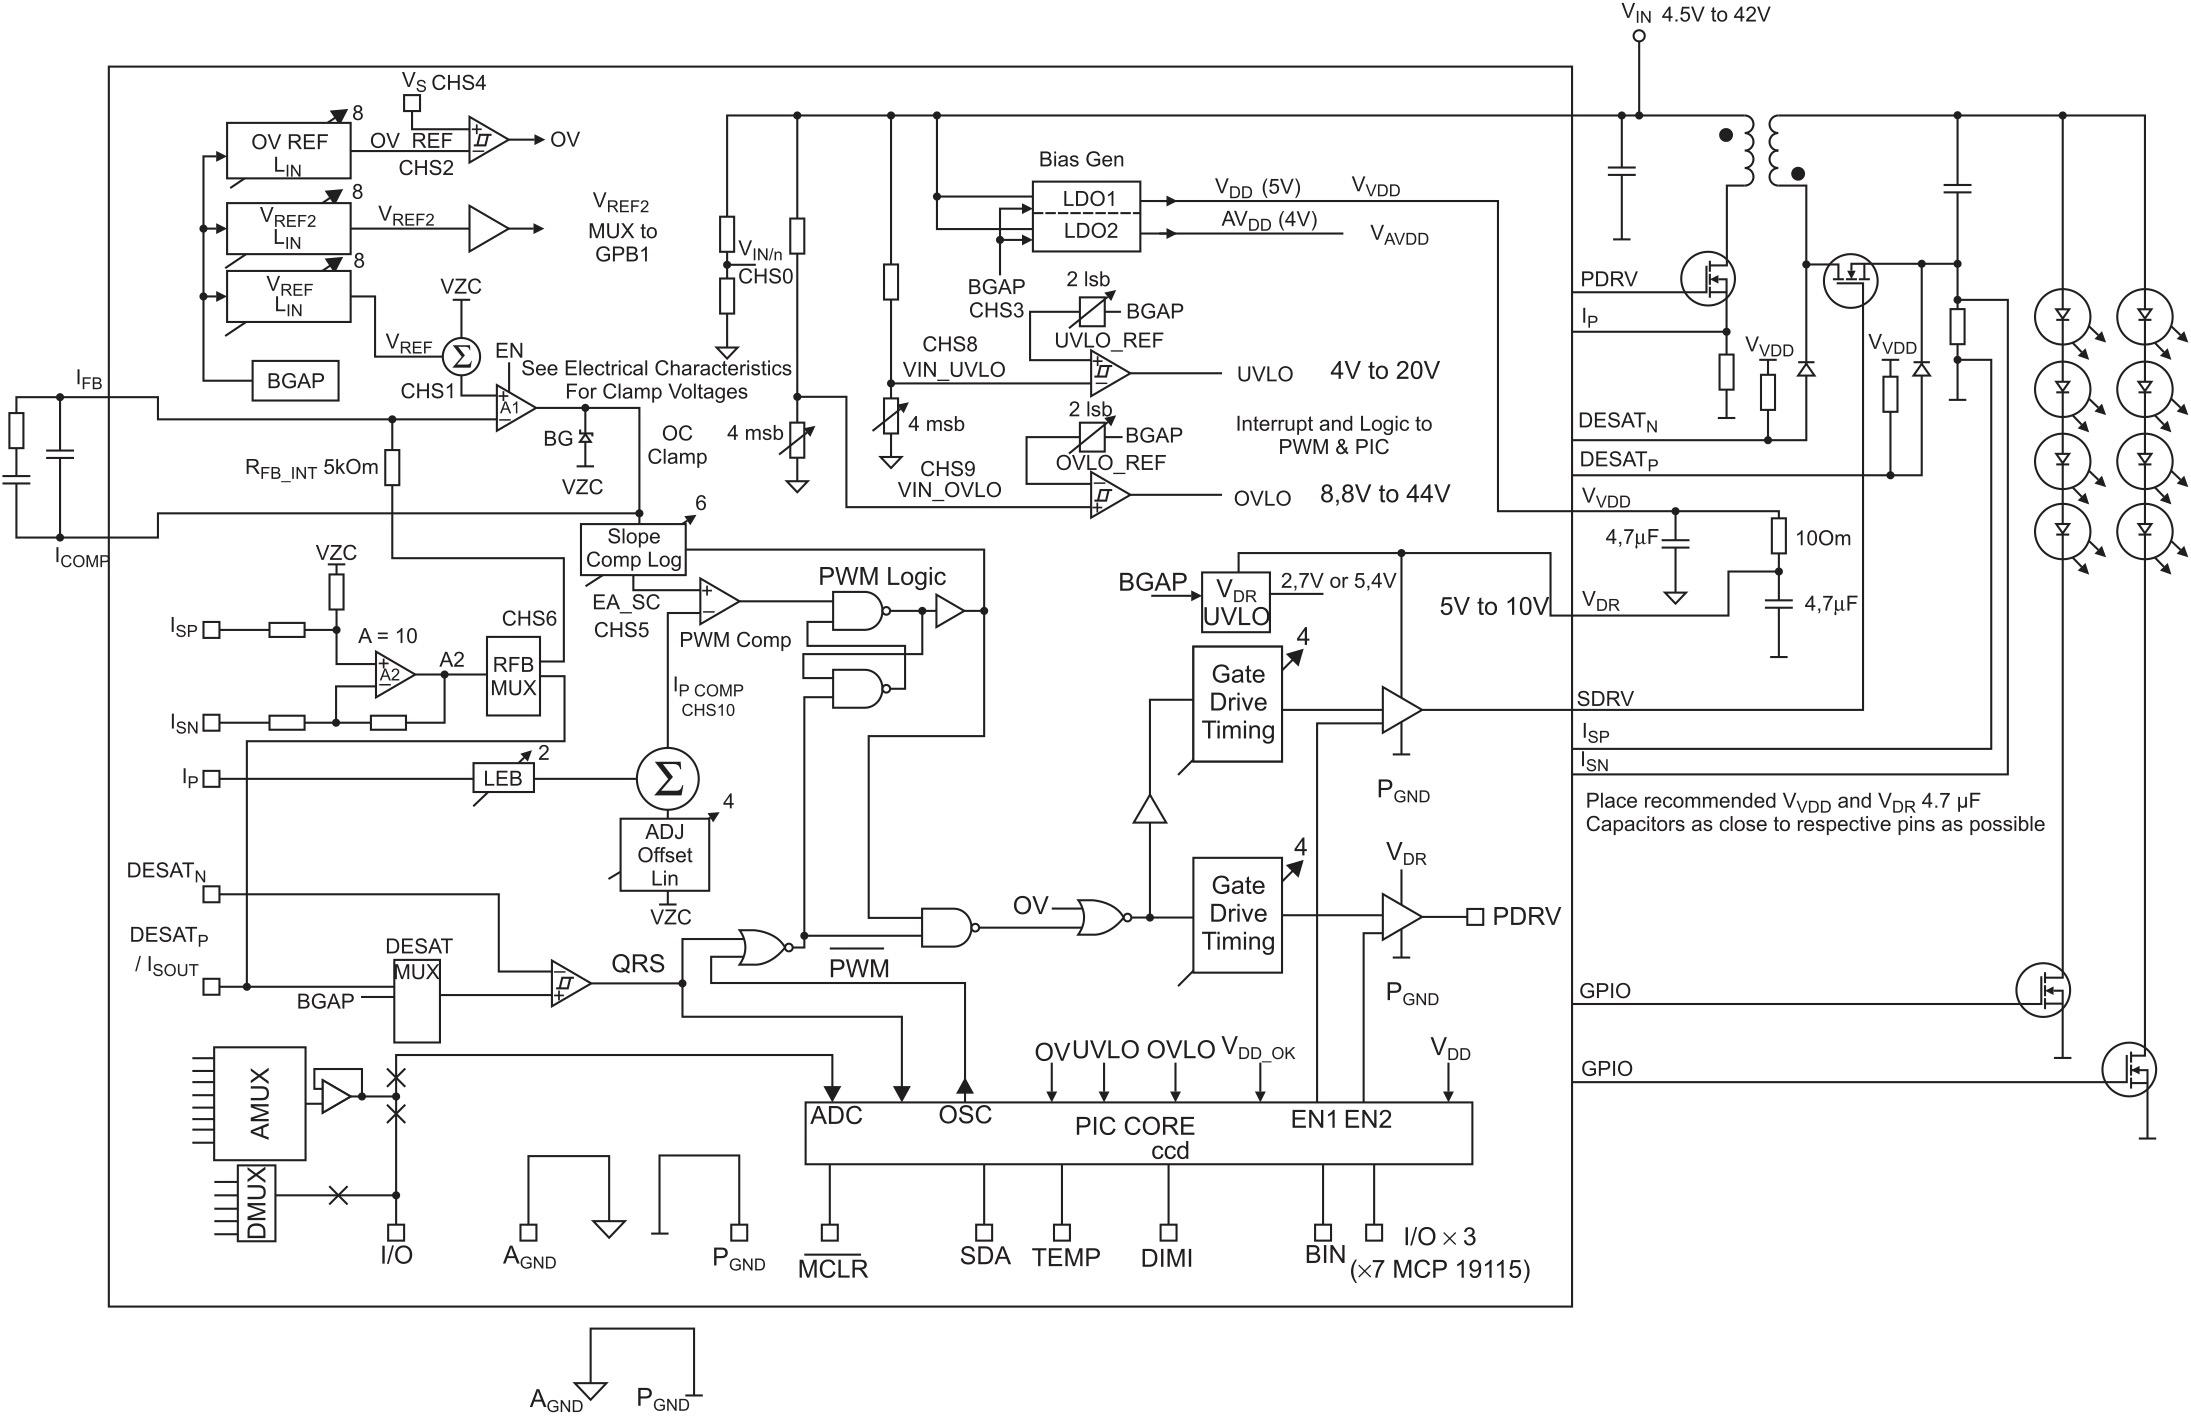 Структурная схема контроллеров и пример построения на их базе квазирезонансного синхронного обратноходового преобразователя питания светодиодов